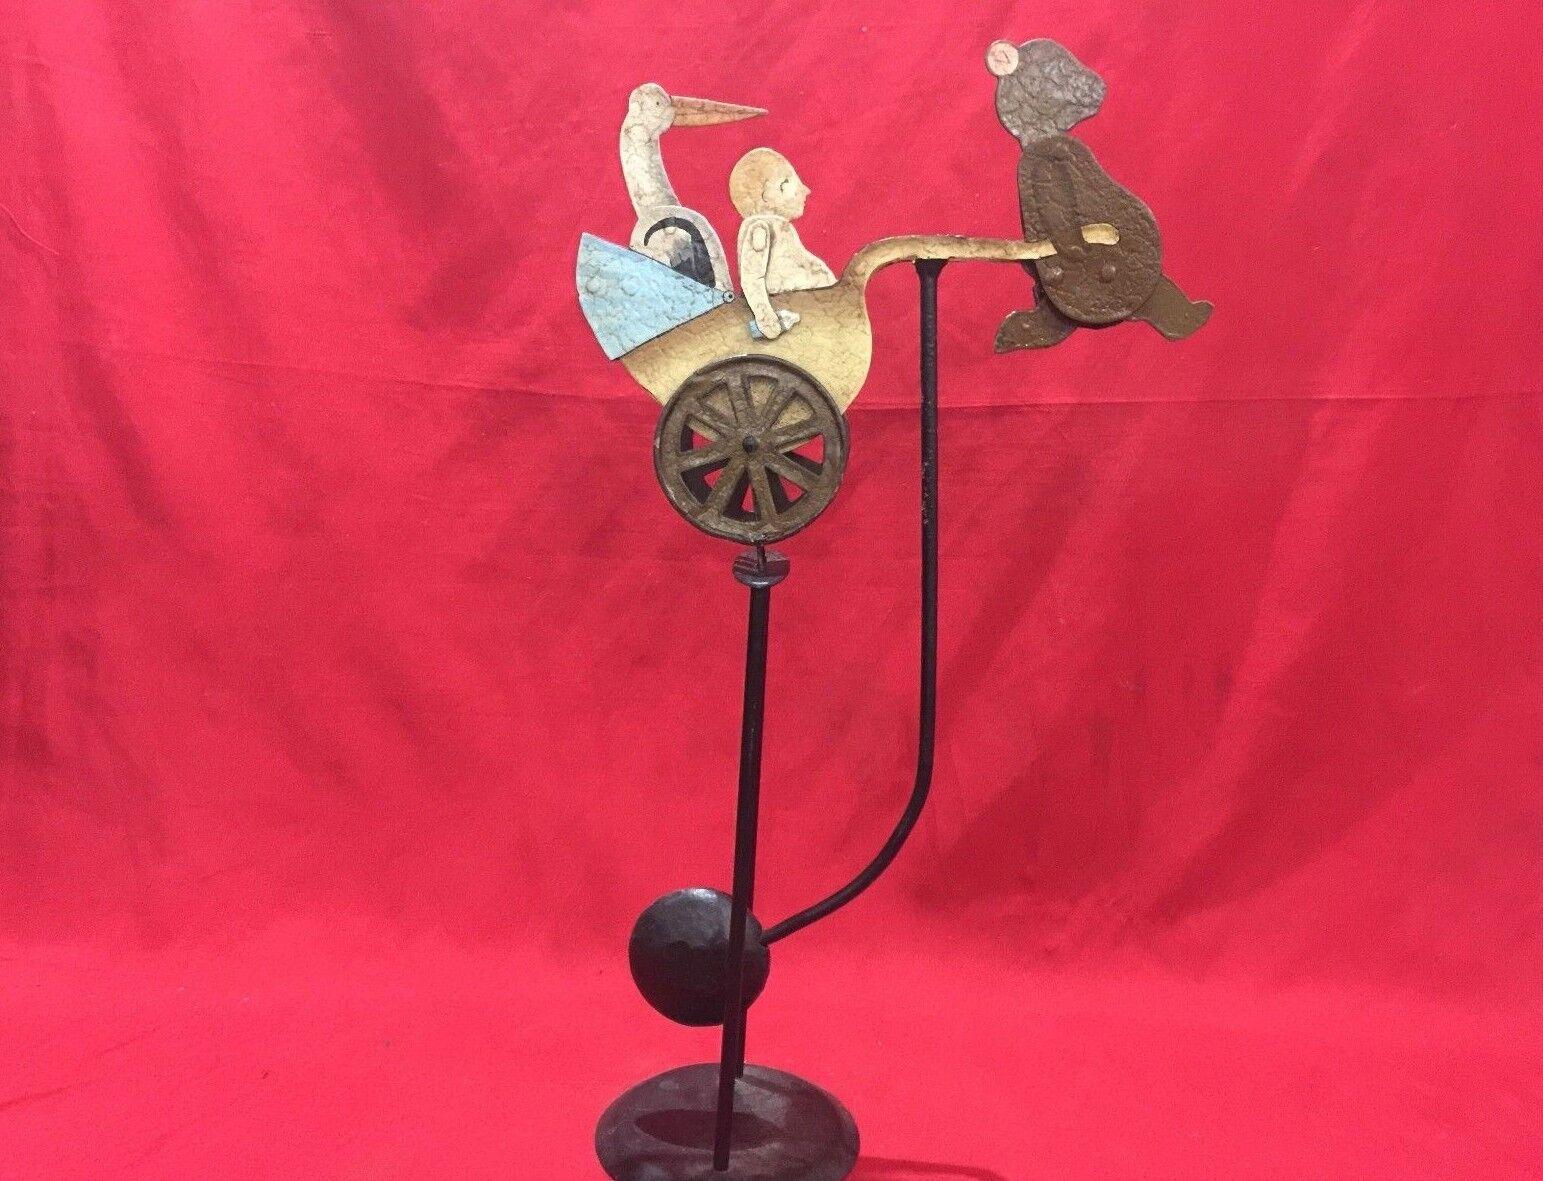 Juguete Antiguo Vintage Metálico saldo Bebé Oso Pelican Cocheroza Biberon hecho a mano